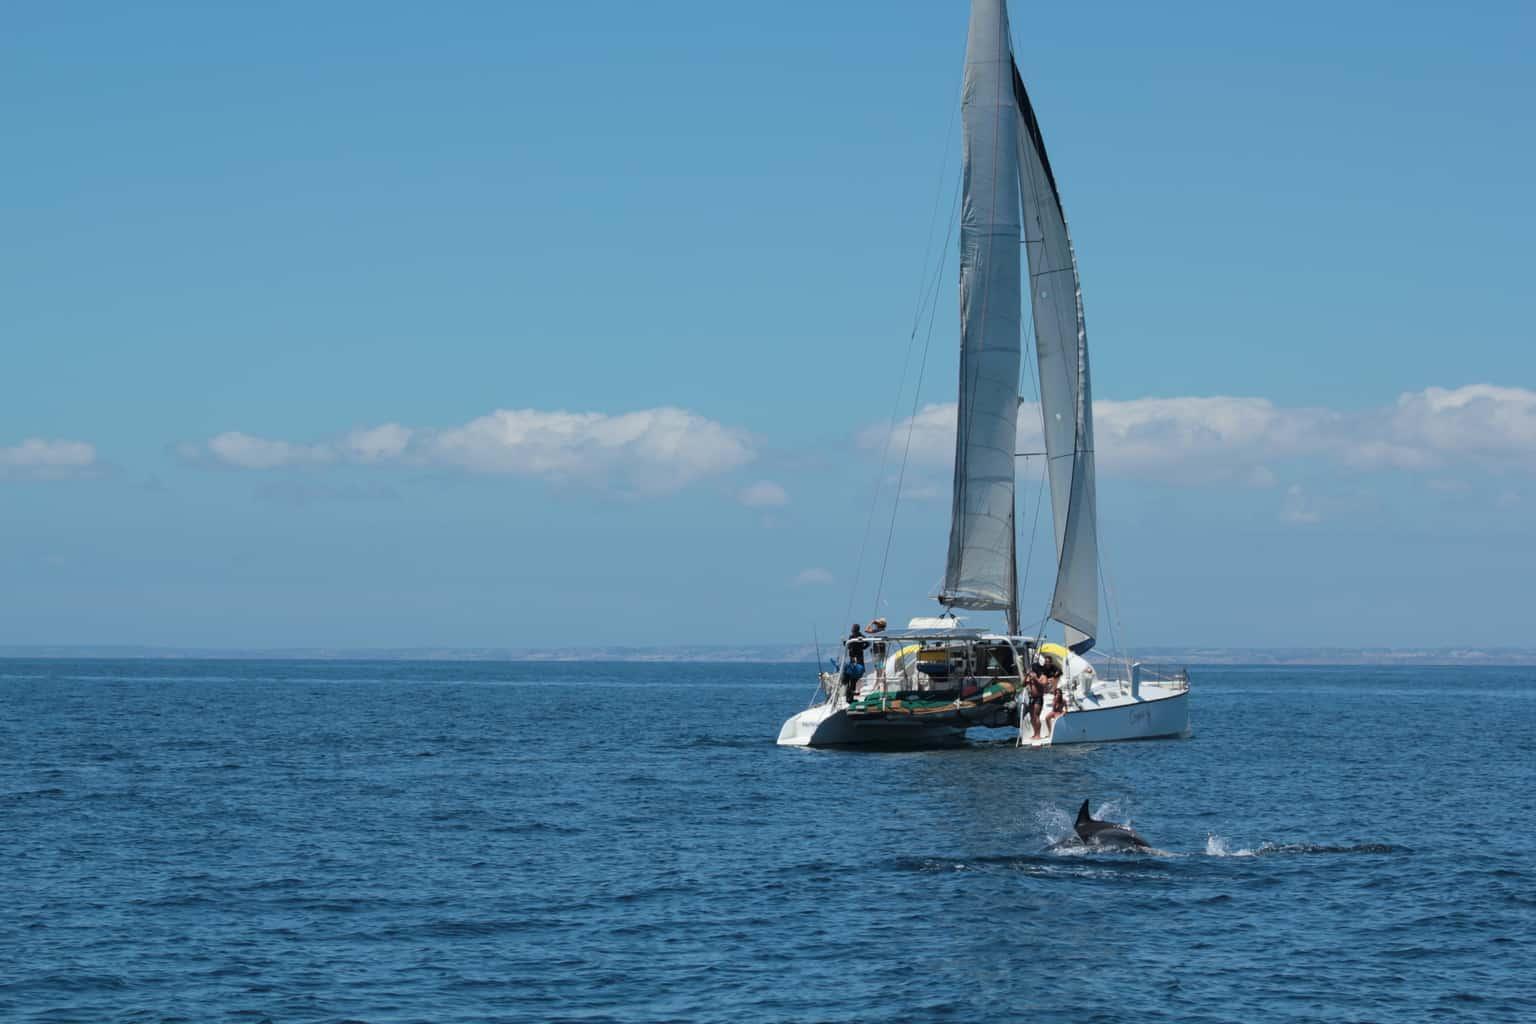 oceanus catamaran with dolphins